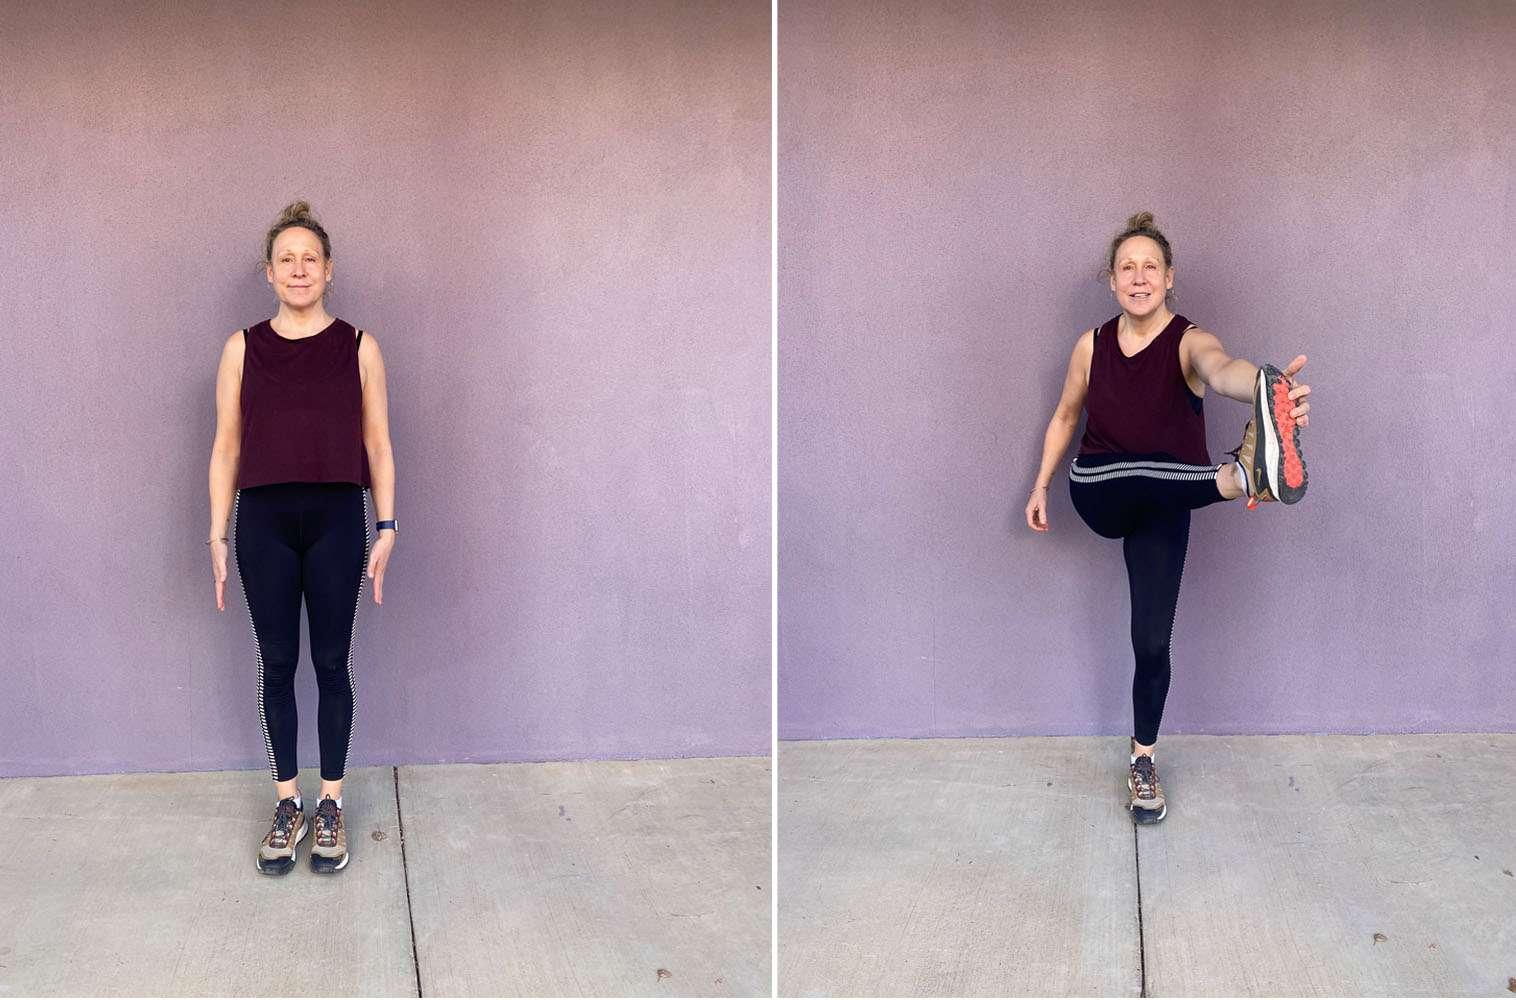 cross body, long leg lift ab exercise